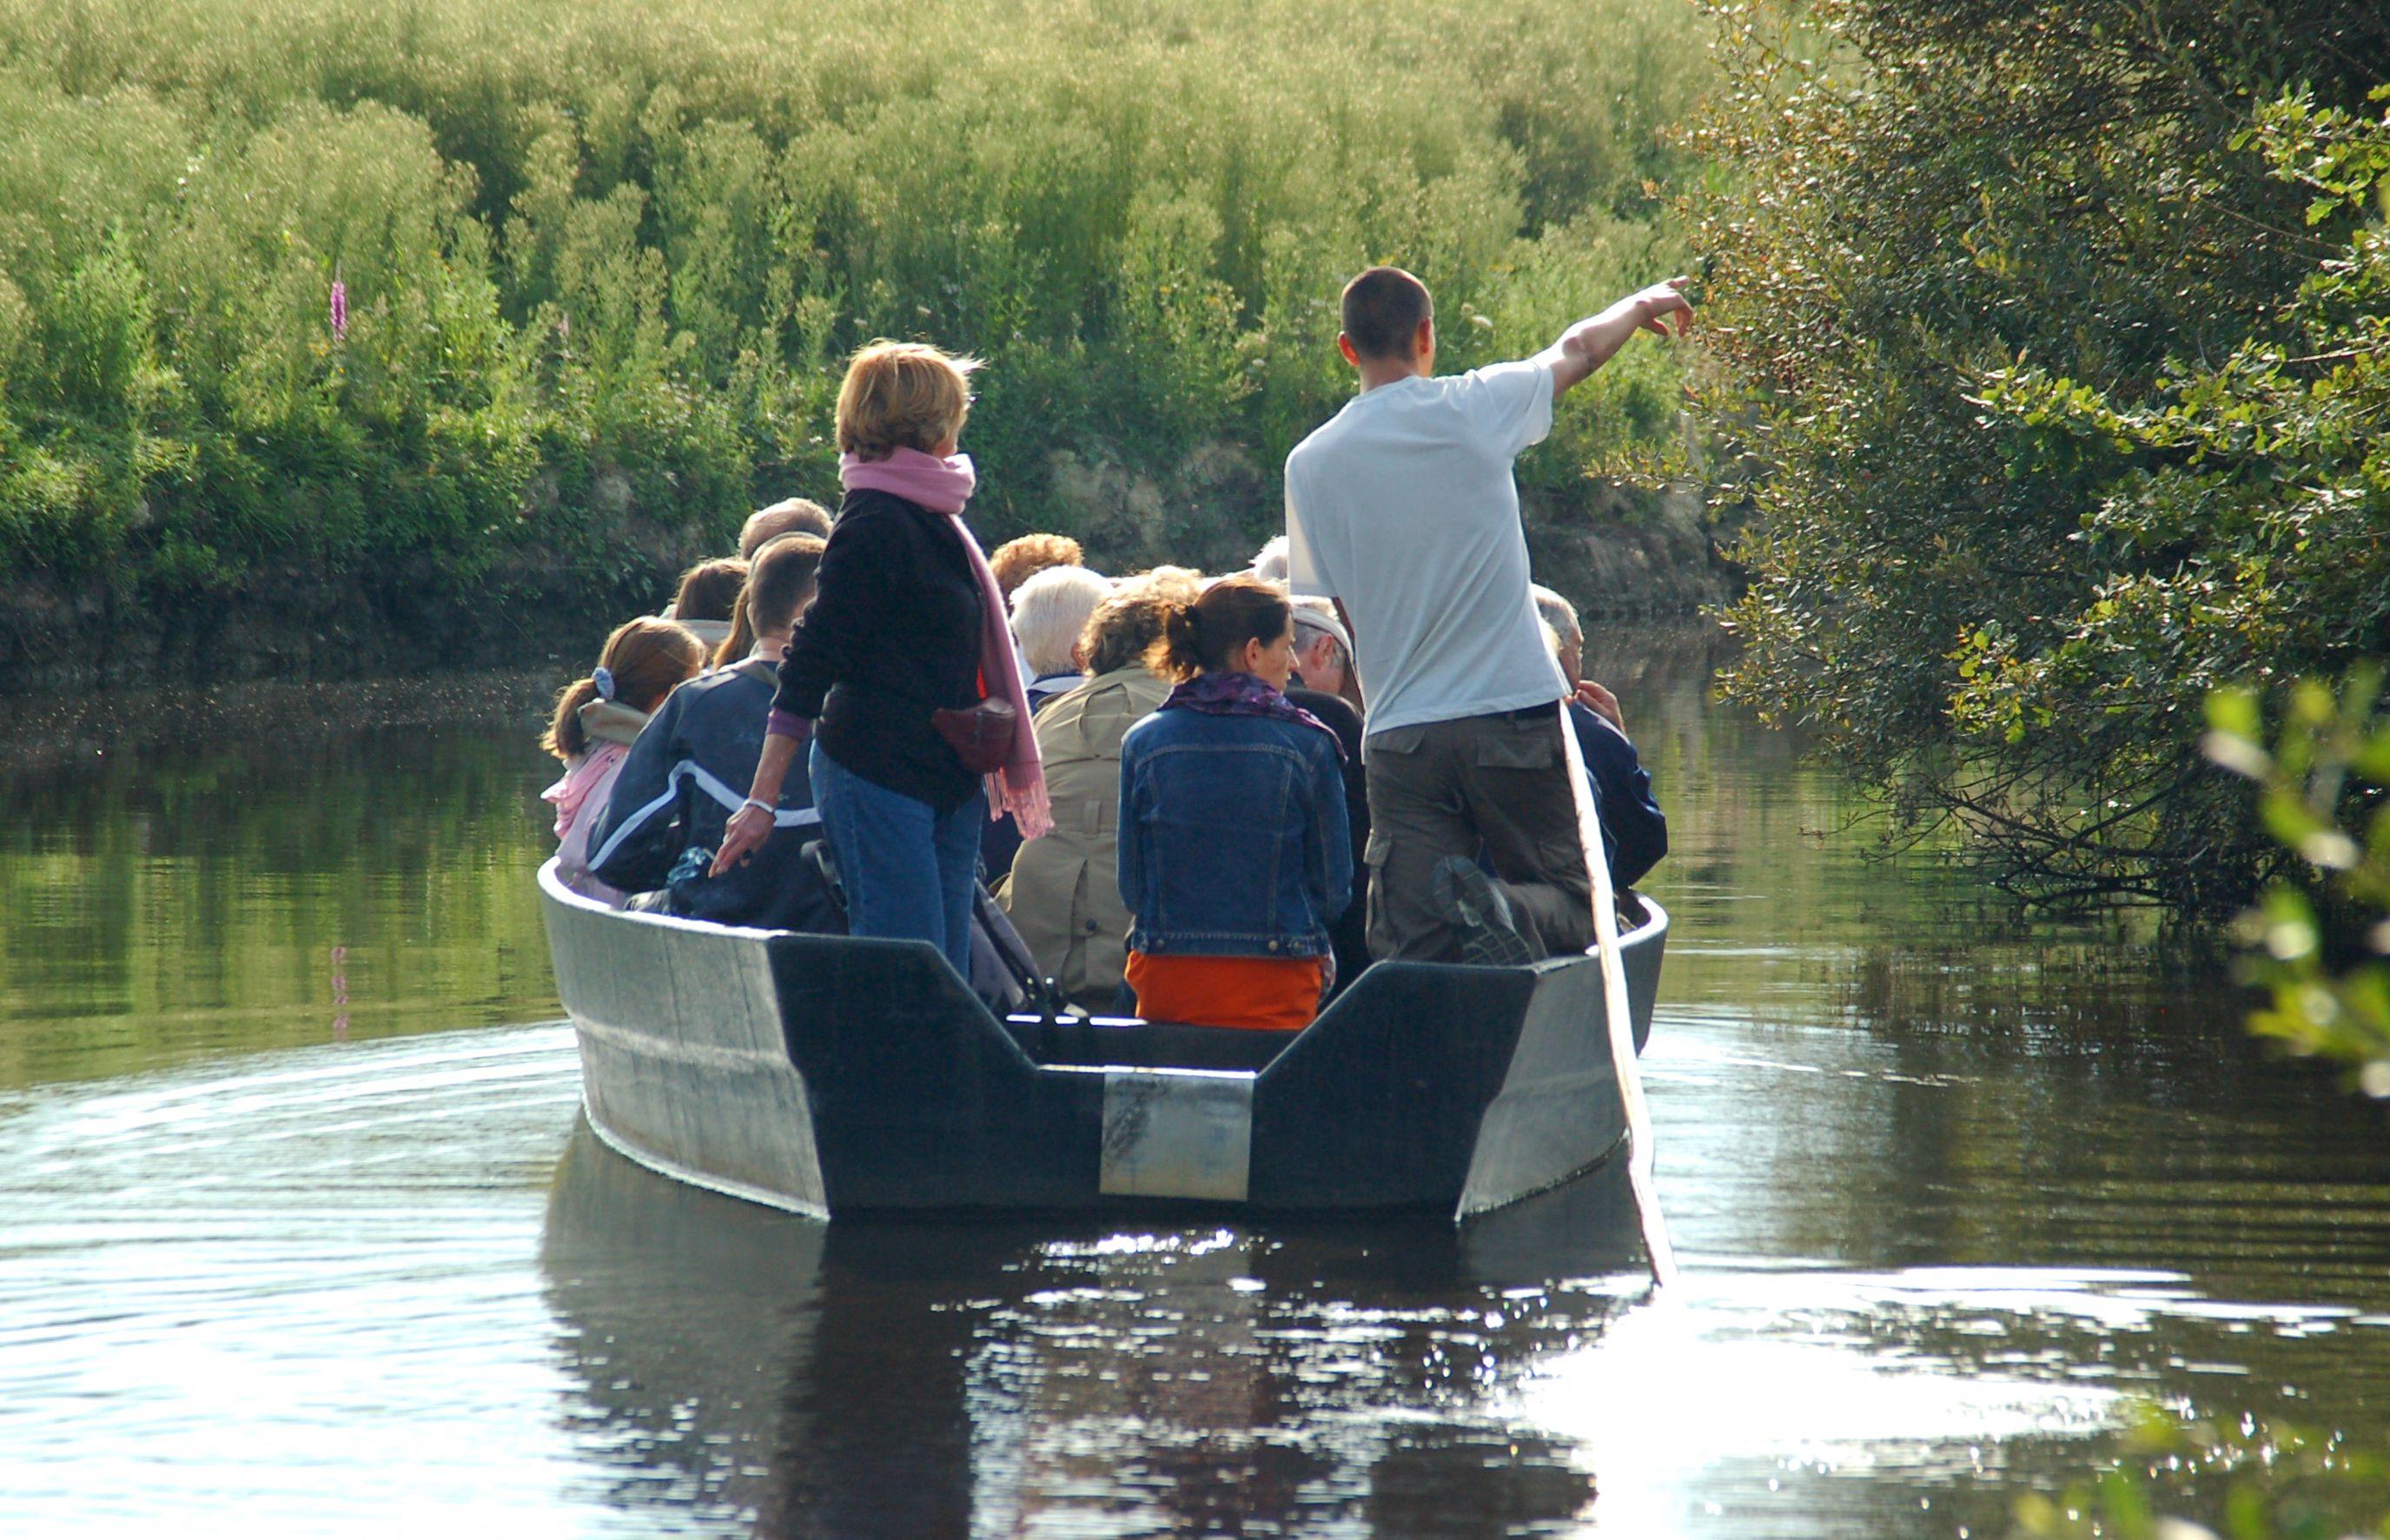 Touristes assis sur une barque avec un guide, en Loire-Atlantique